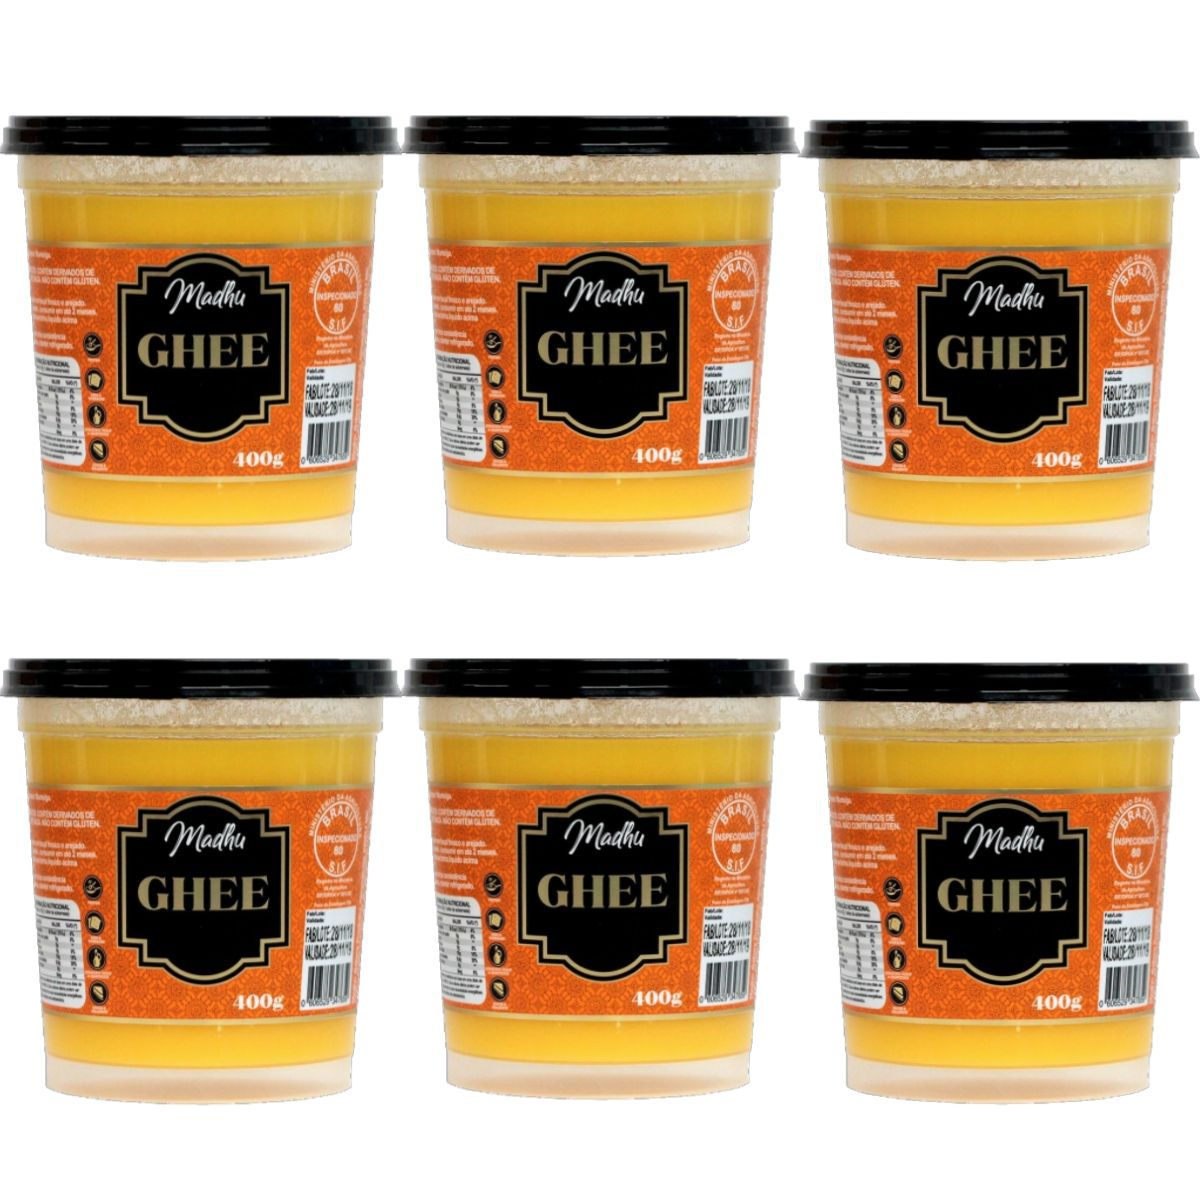 Kit 6 Manteiga Ghee 400g  Tradicional Clarificada Zero Lactose